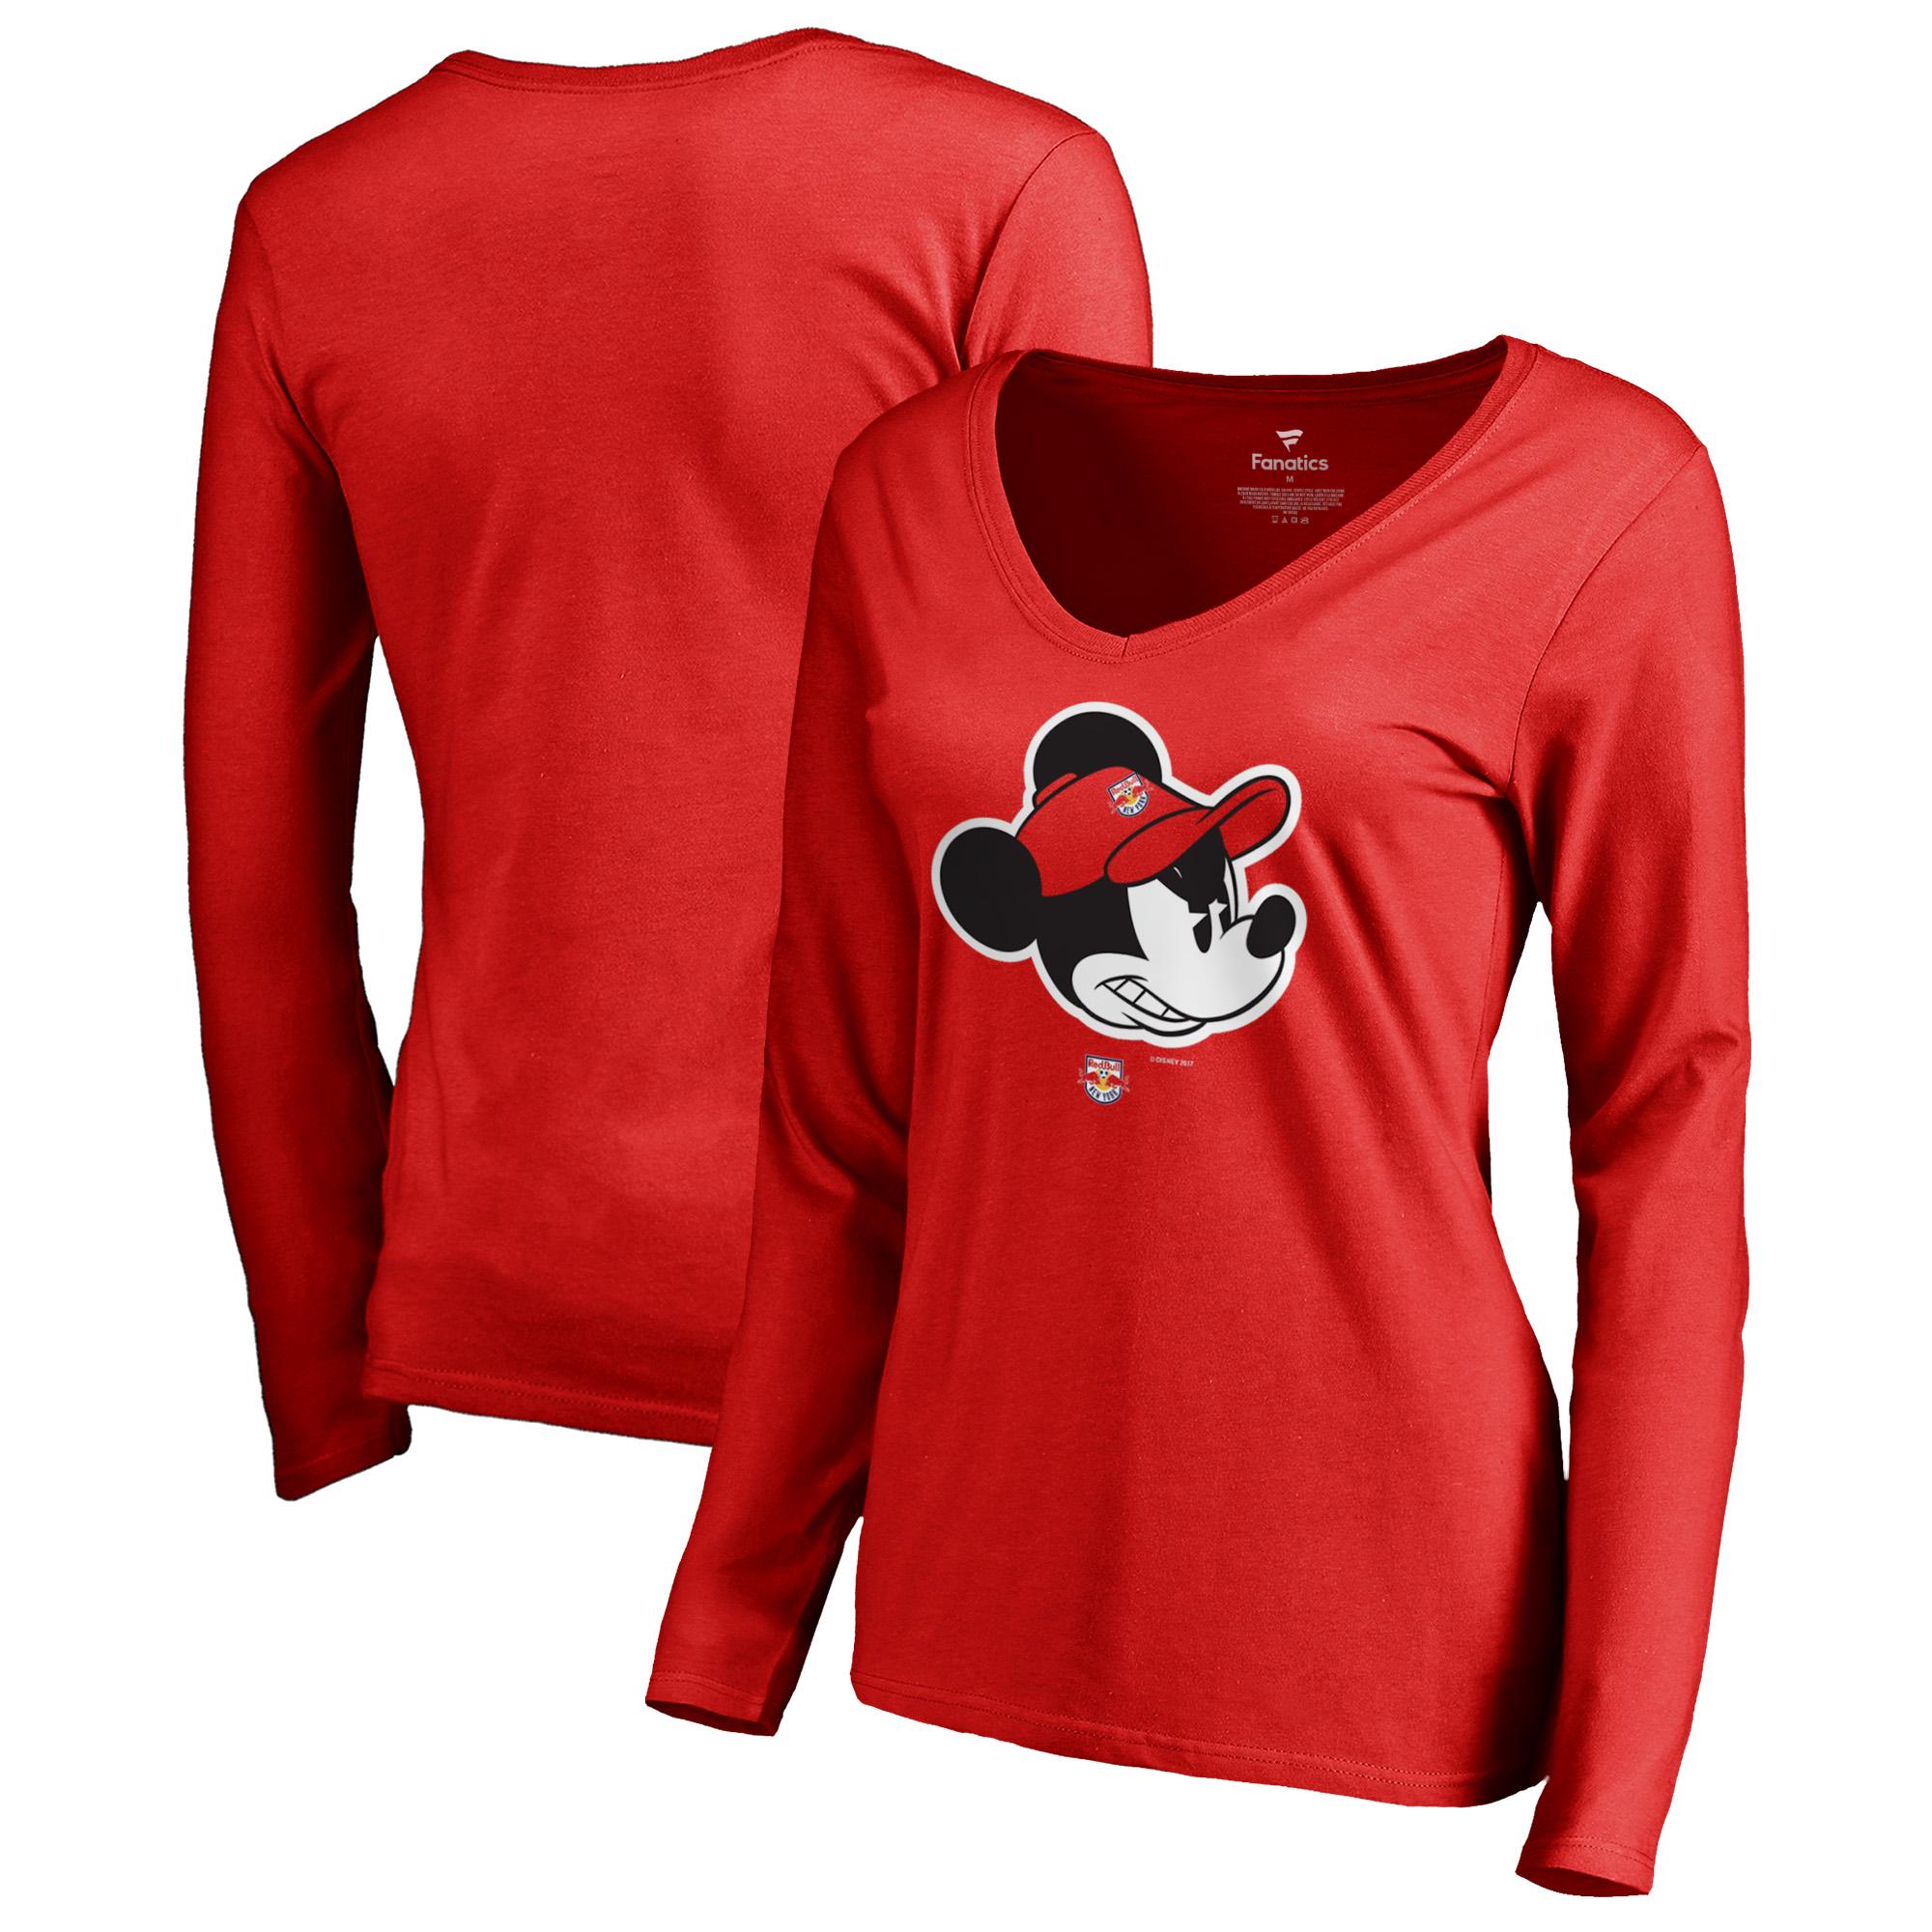 New York Red Bulls Fanatics Branded Women's Disney Game Face Long Sleeve V-Neck T-Shirt - Red